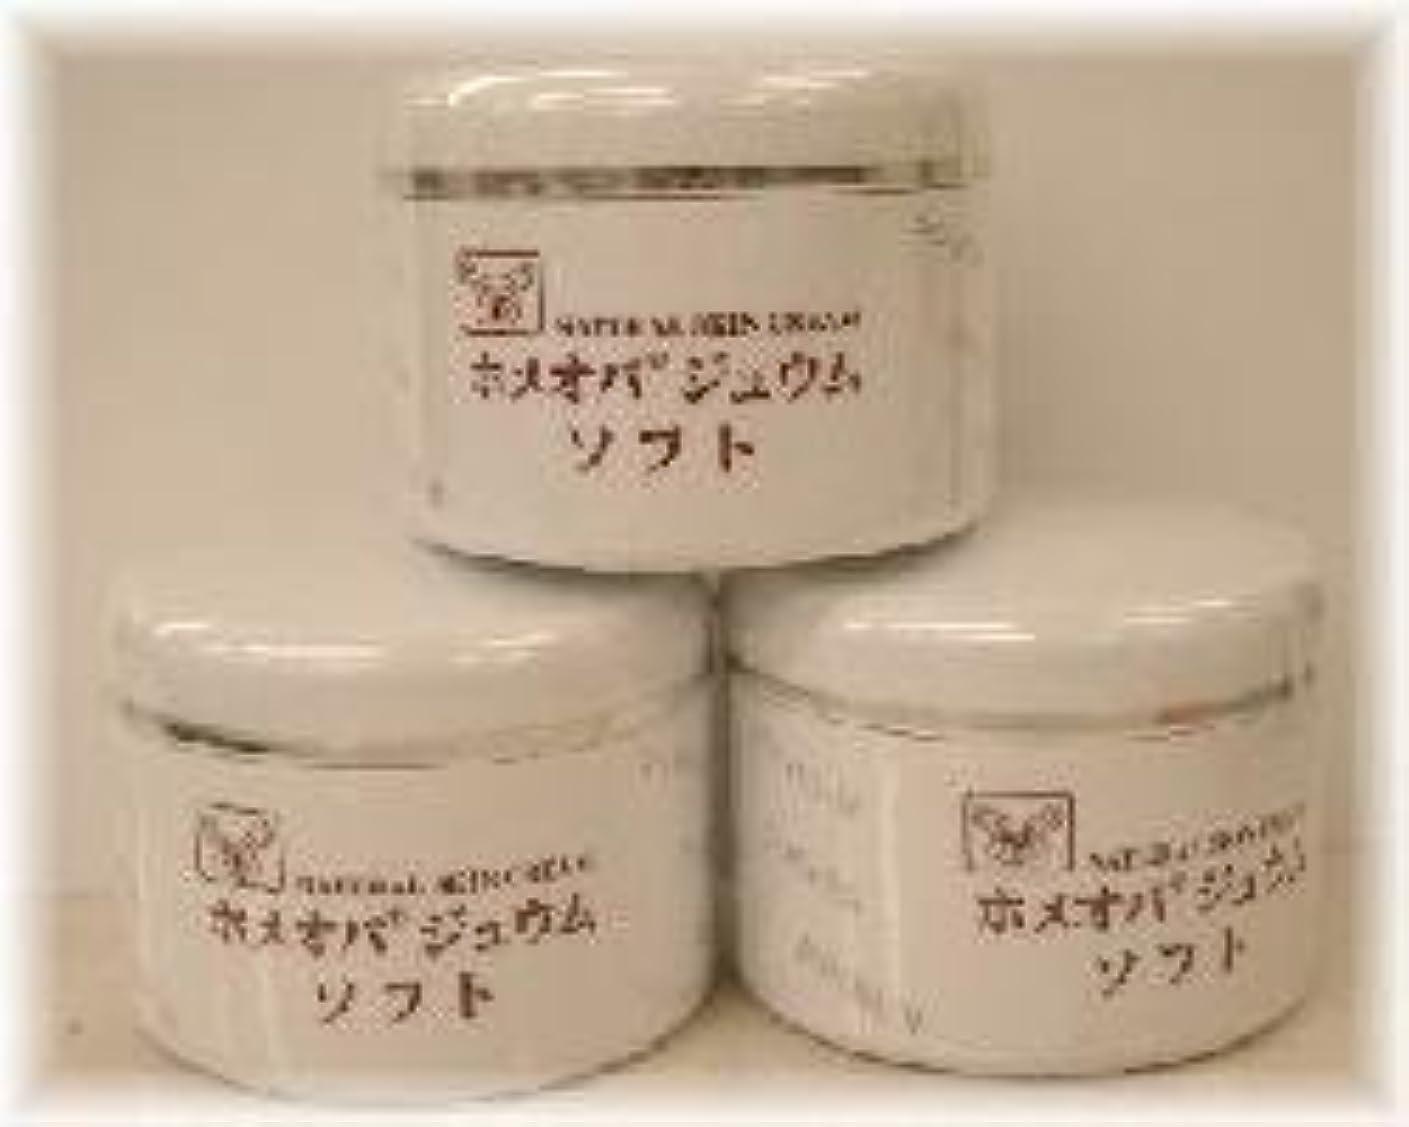 追加吸収キャラクターホメオパジュウム スキンケア商品3点¥10500クリームソフトx3個